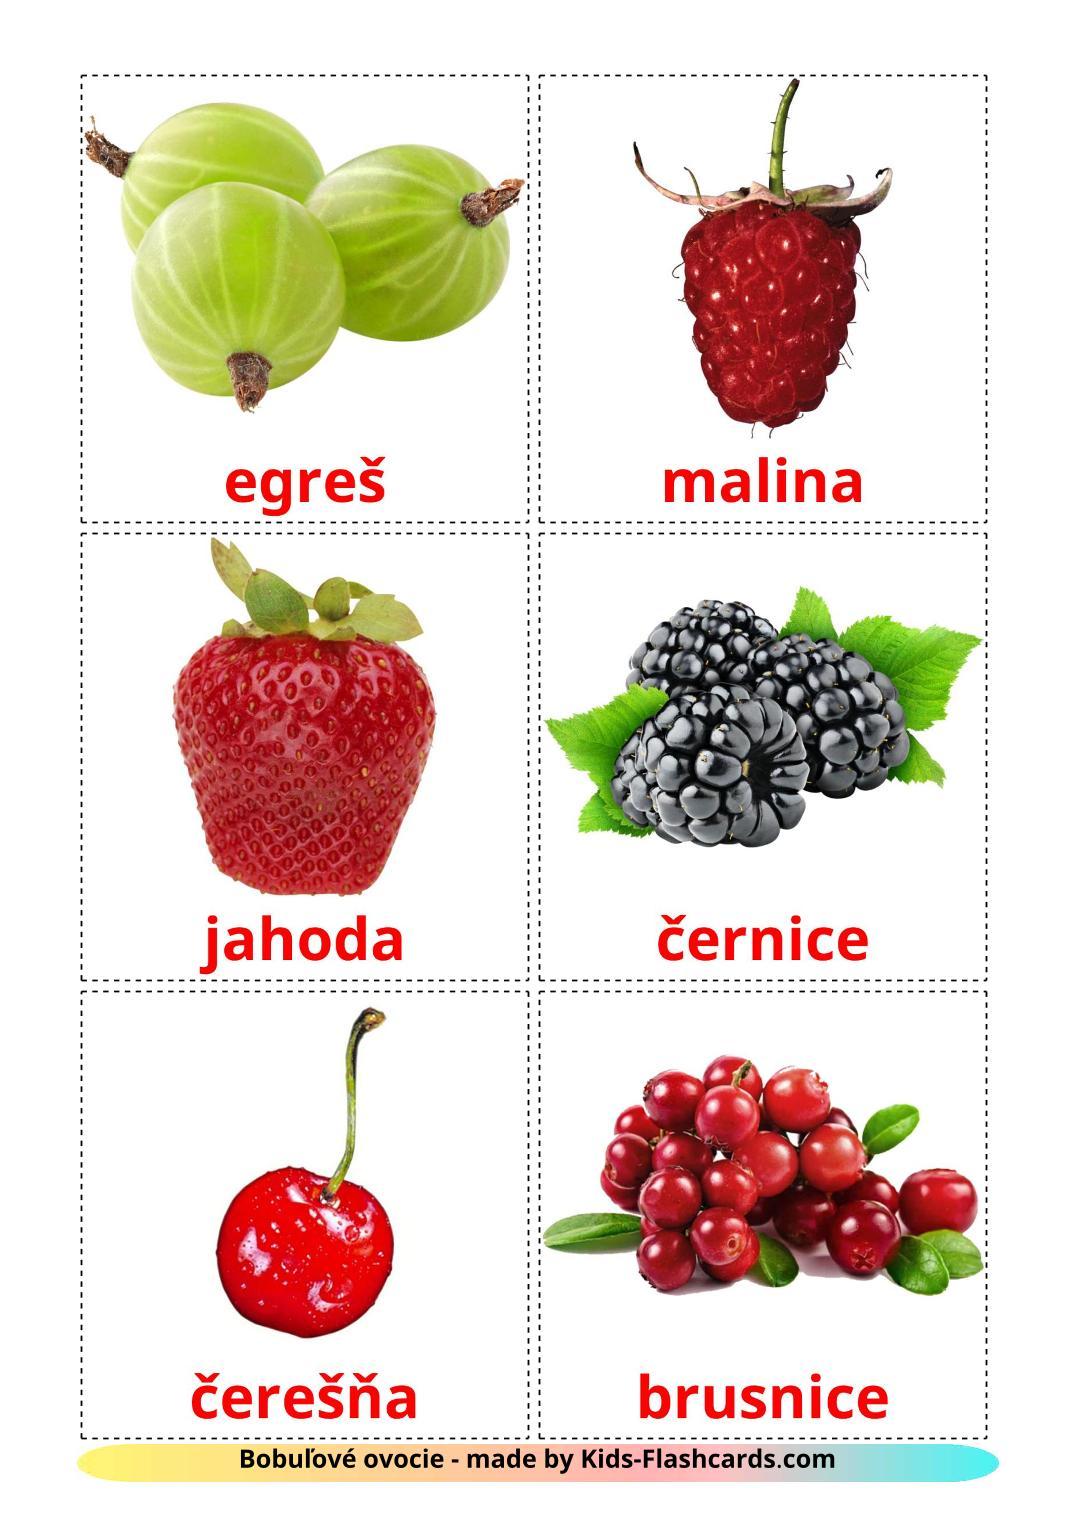 Berries - 11 Free Printable slovak Flashcards